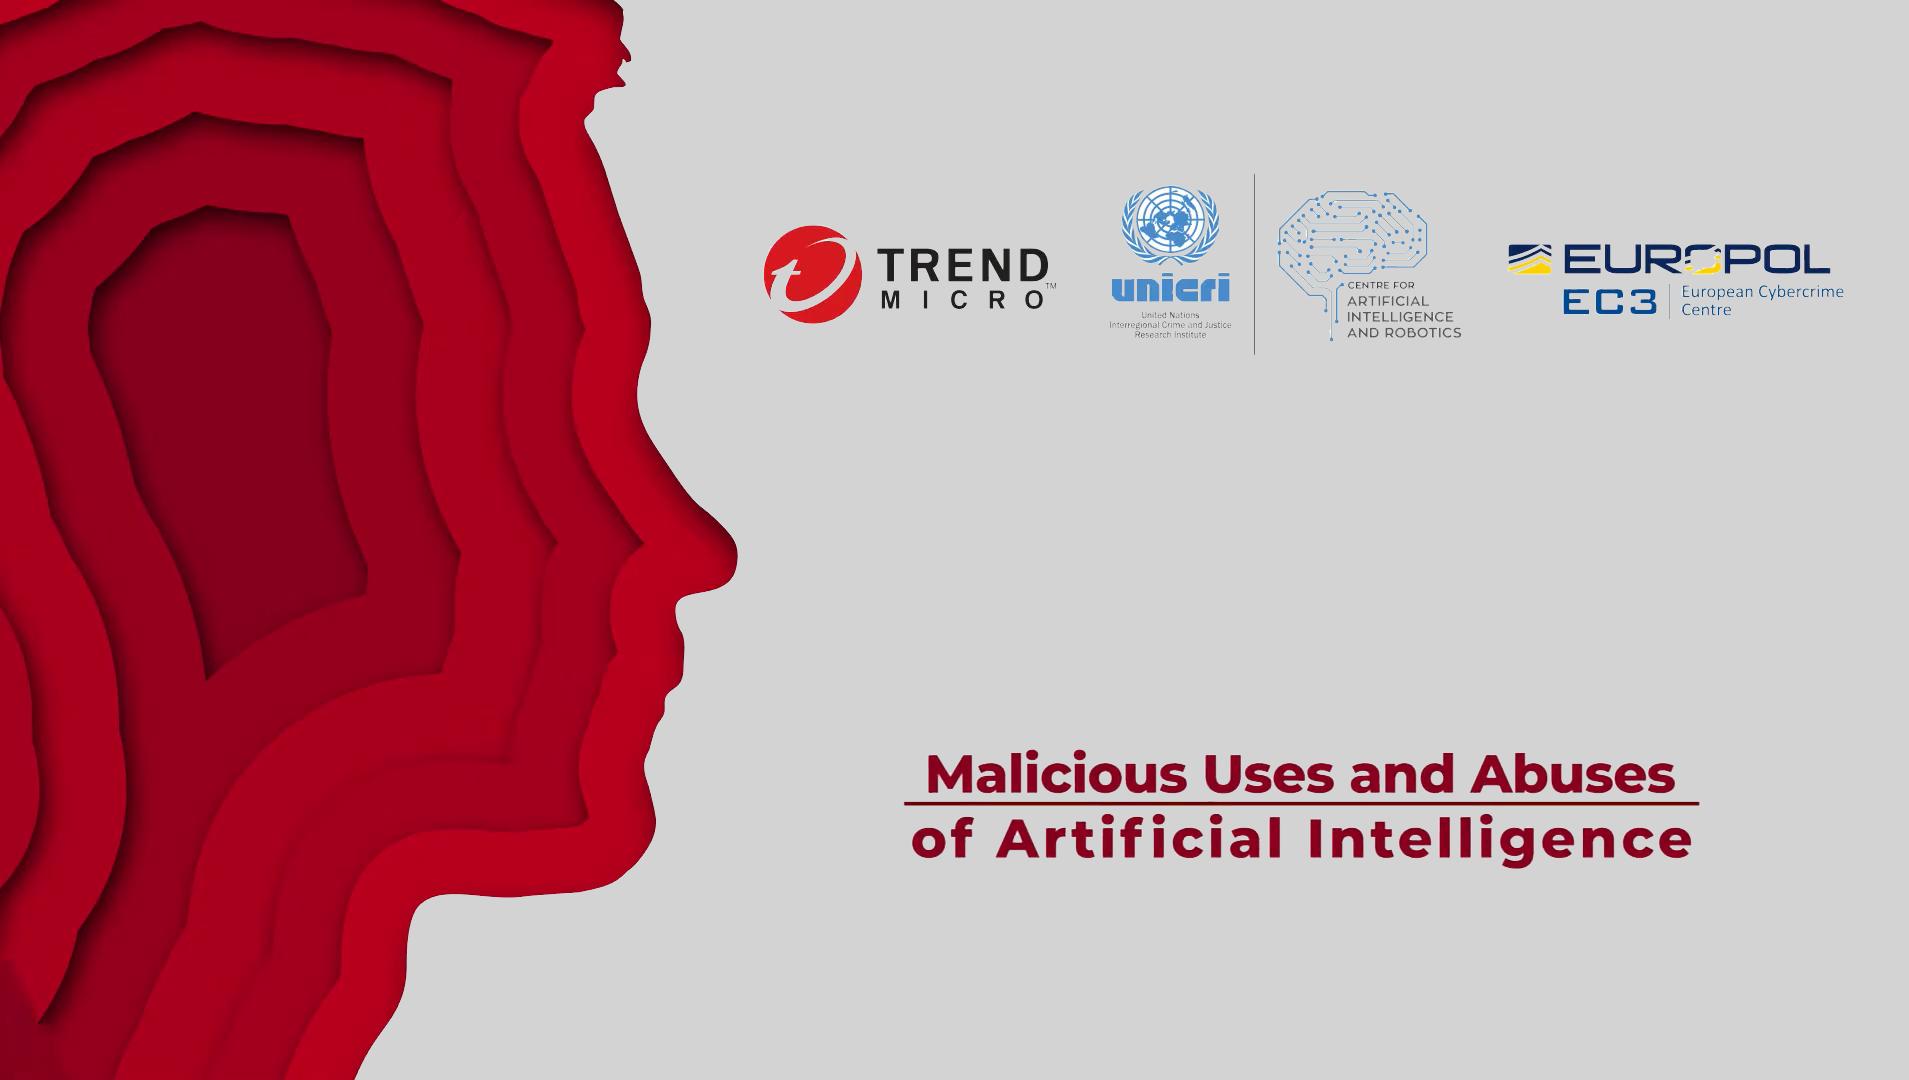 onz-europol-trend-micro-ai-cyberprzestepczosc-samochody-autonomiczne-drony-iot